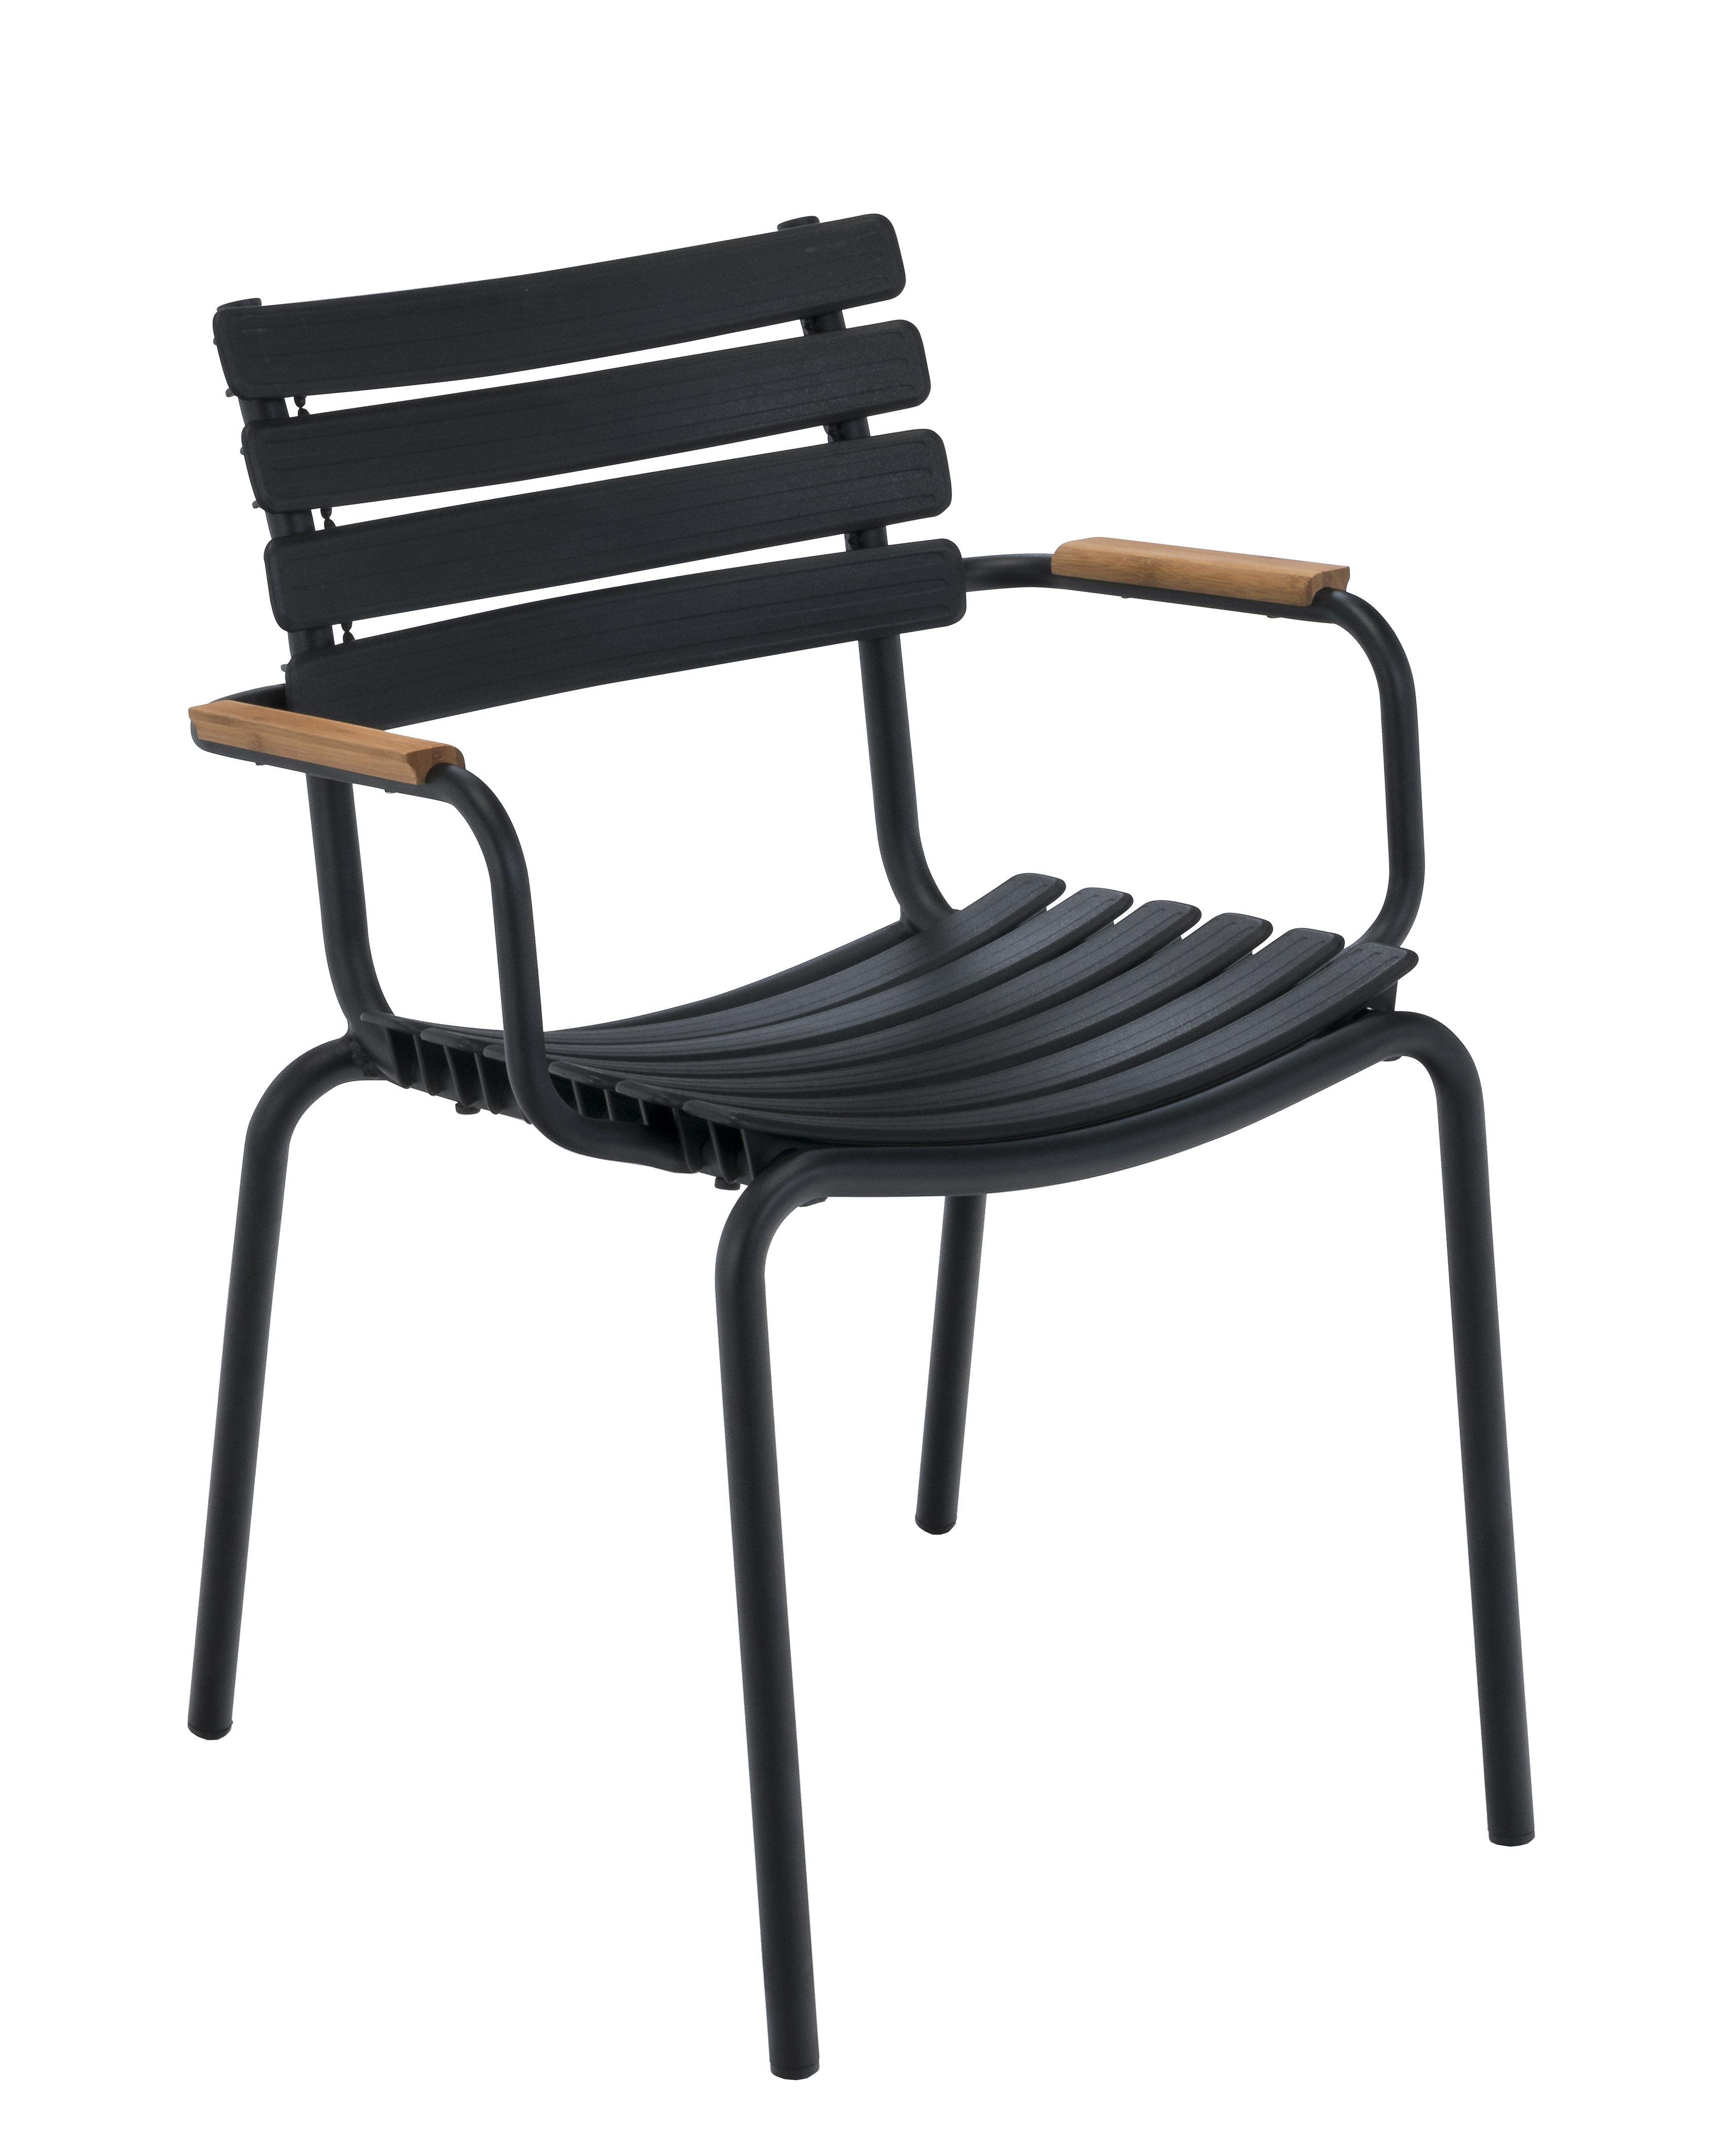 Mobilier - Chaises, fauteuils de salle à manger - Fauteuil empilable Clips / Plastique & accoudoirs bambou - Houe - Noir / Bambou - Aluminium, Bambou, Matière plastique